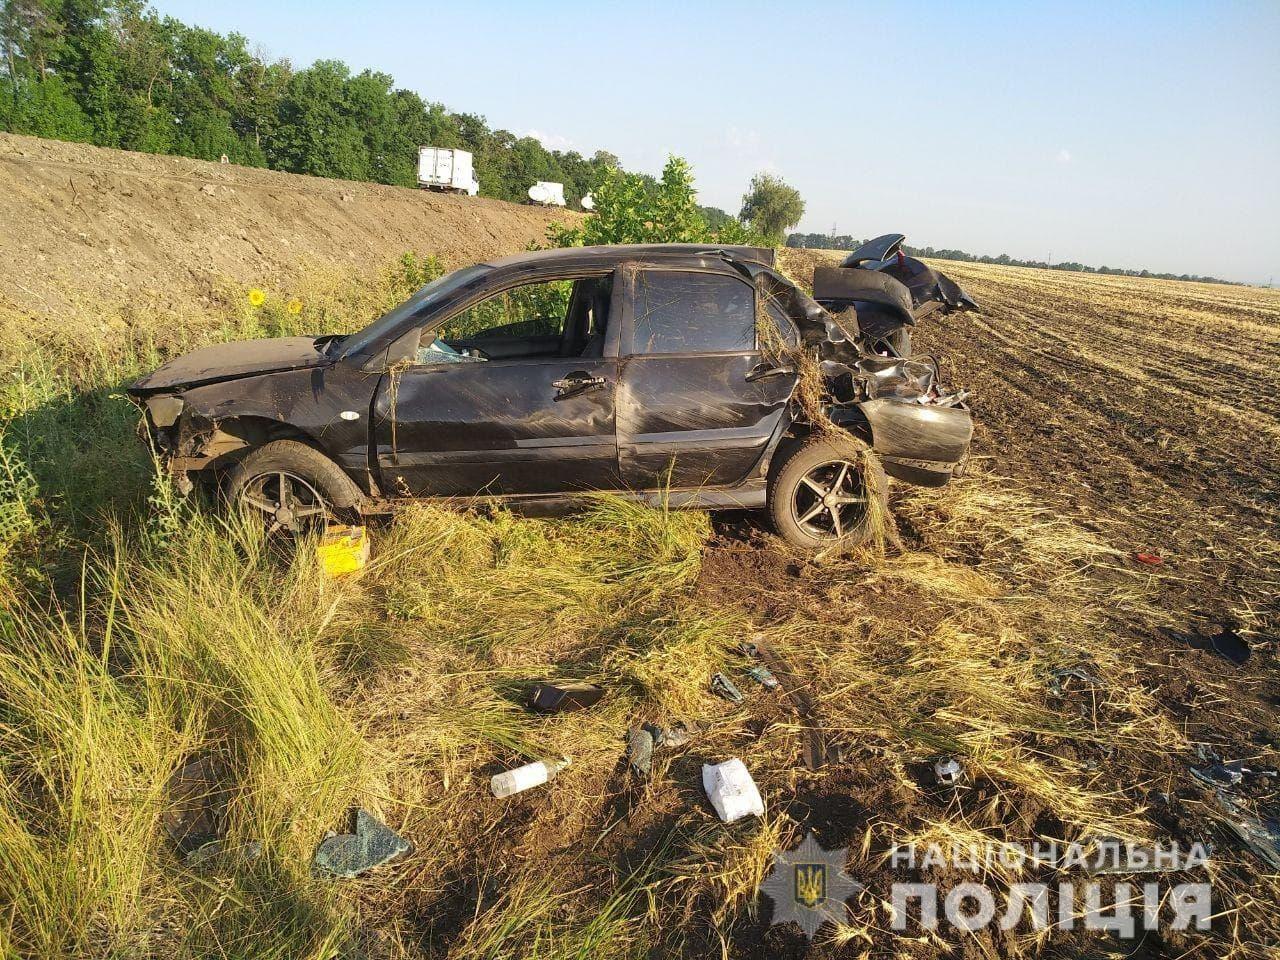 Авто вылетело в кювет: подробности ДТП с пострадавшей (фото)